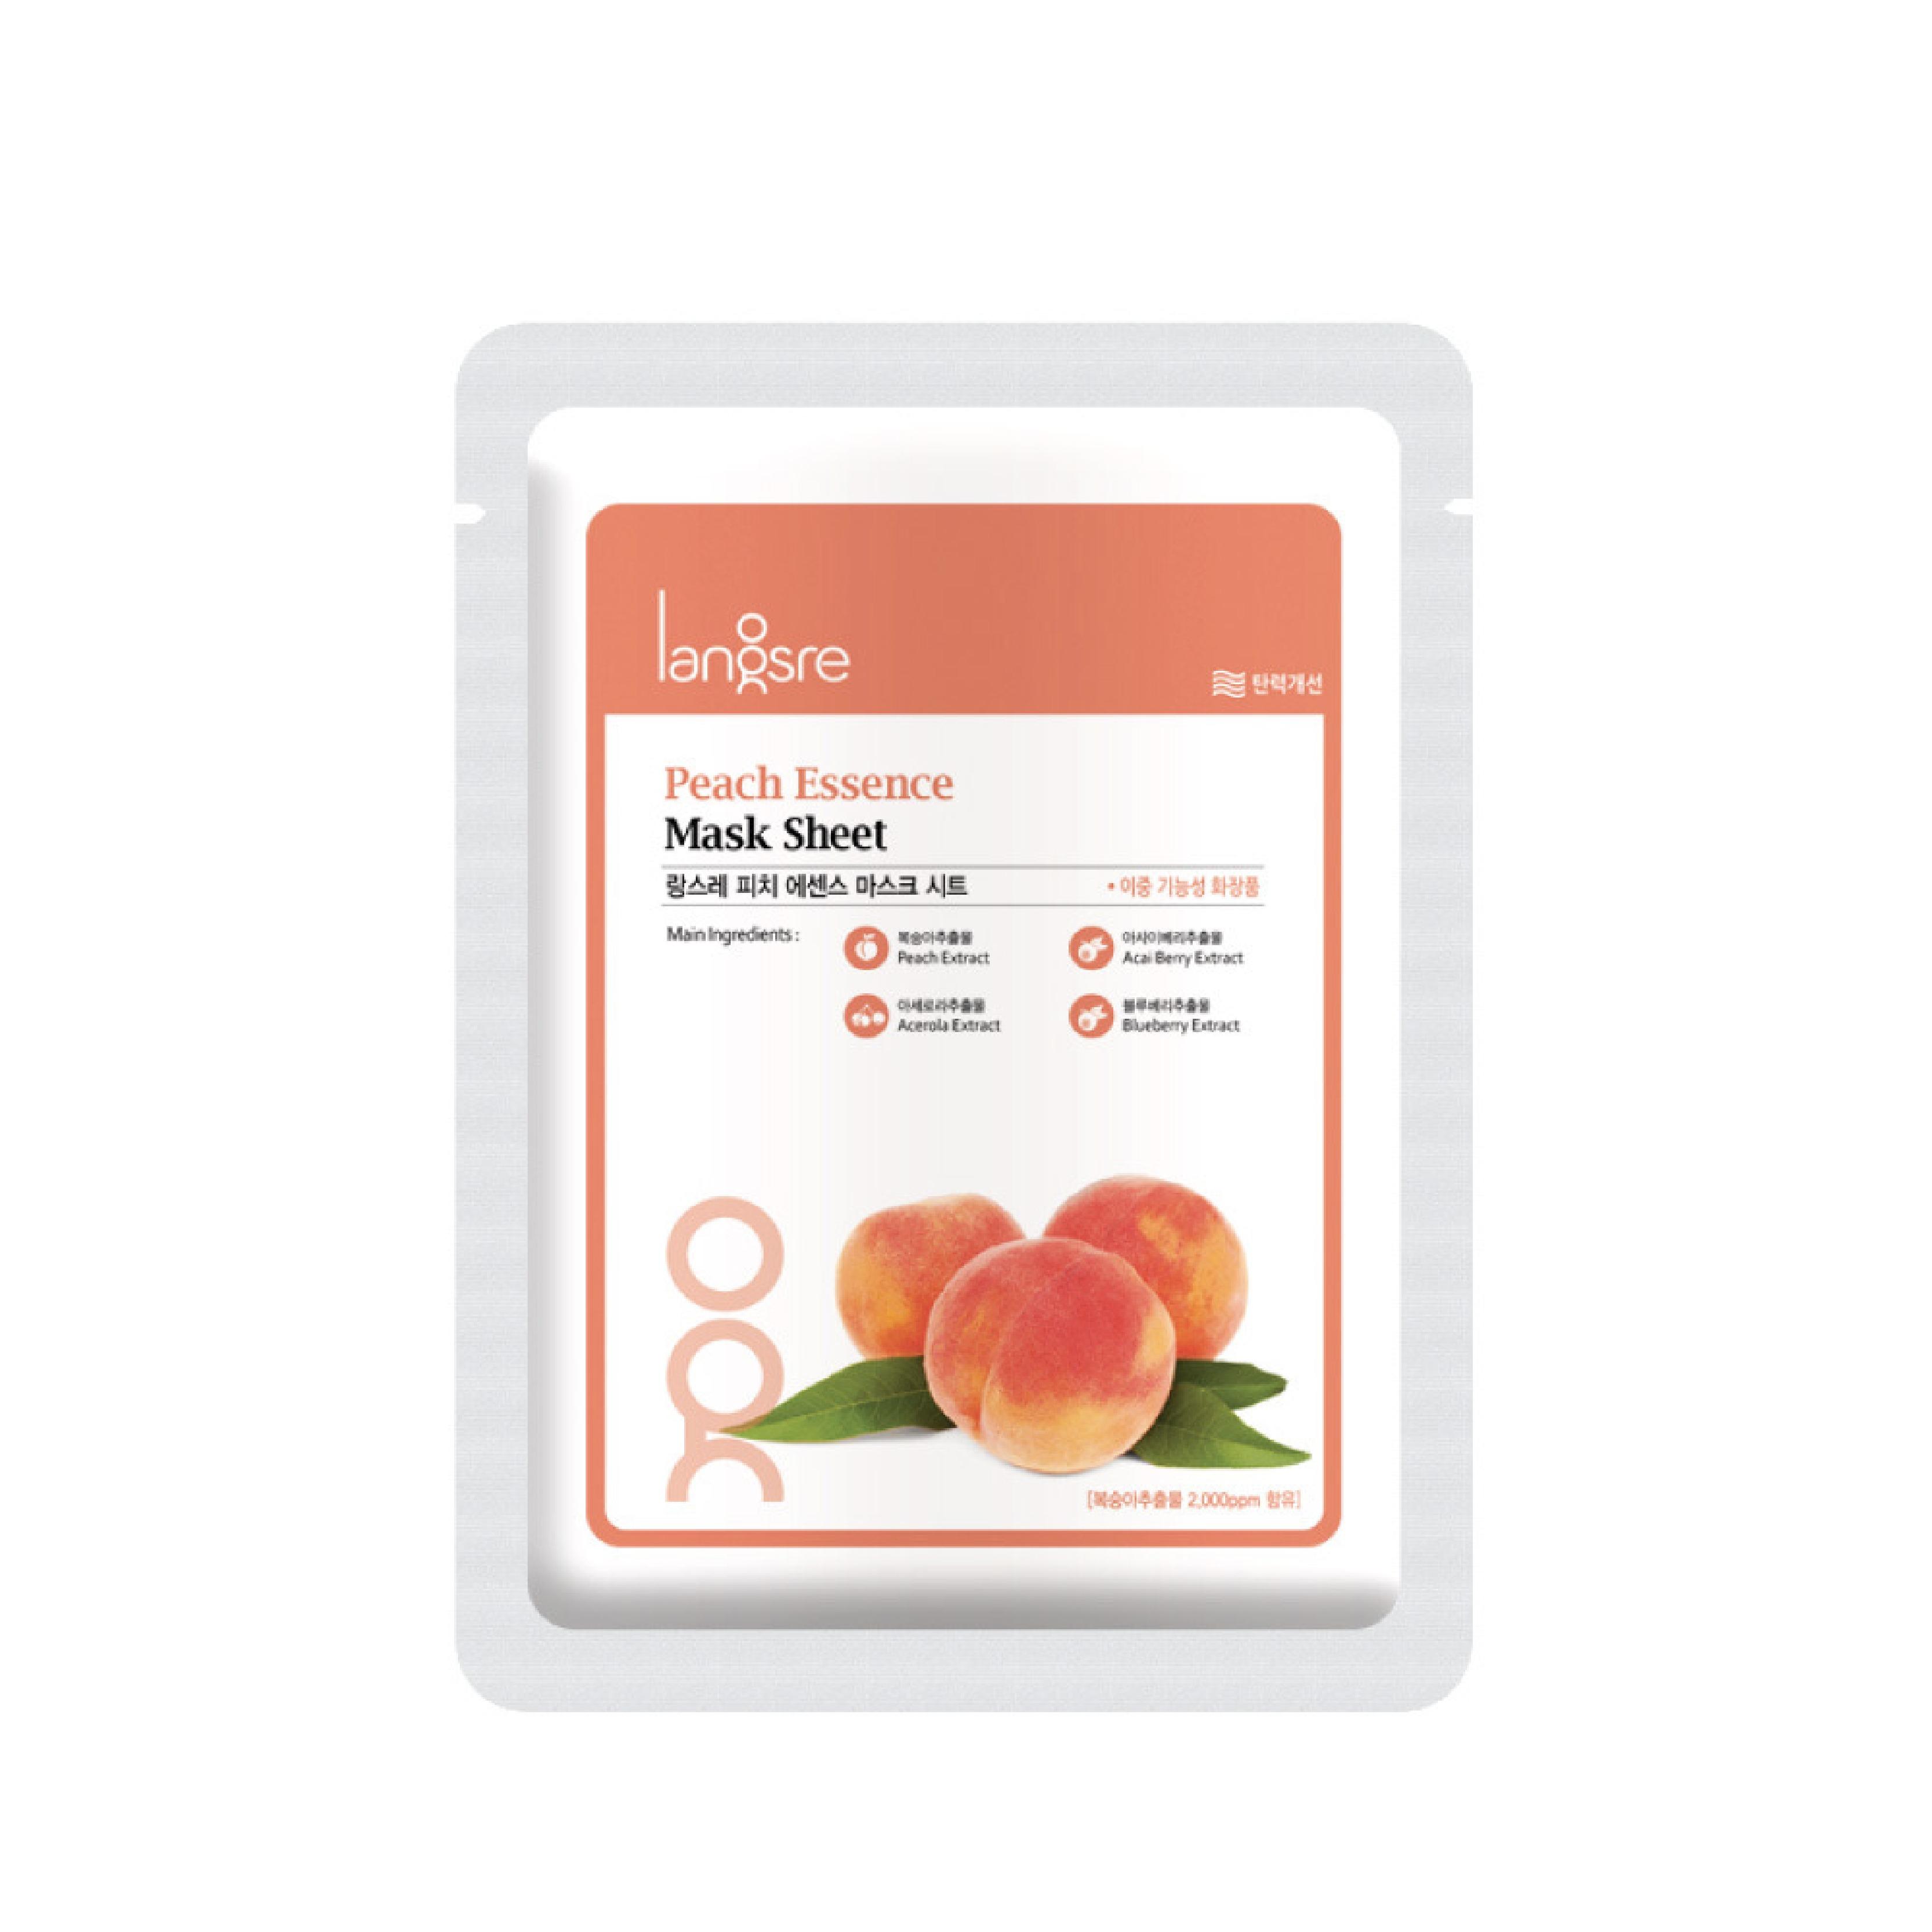 Langsre Peach Essence Mask Sheet